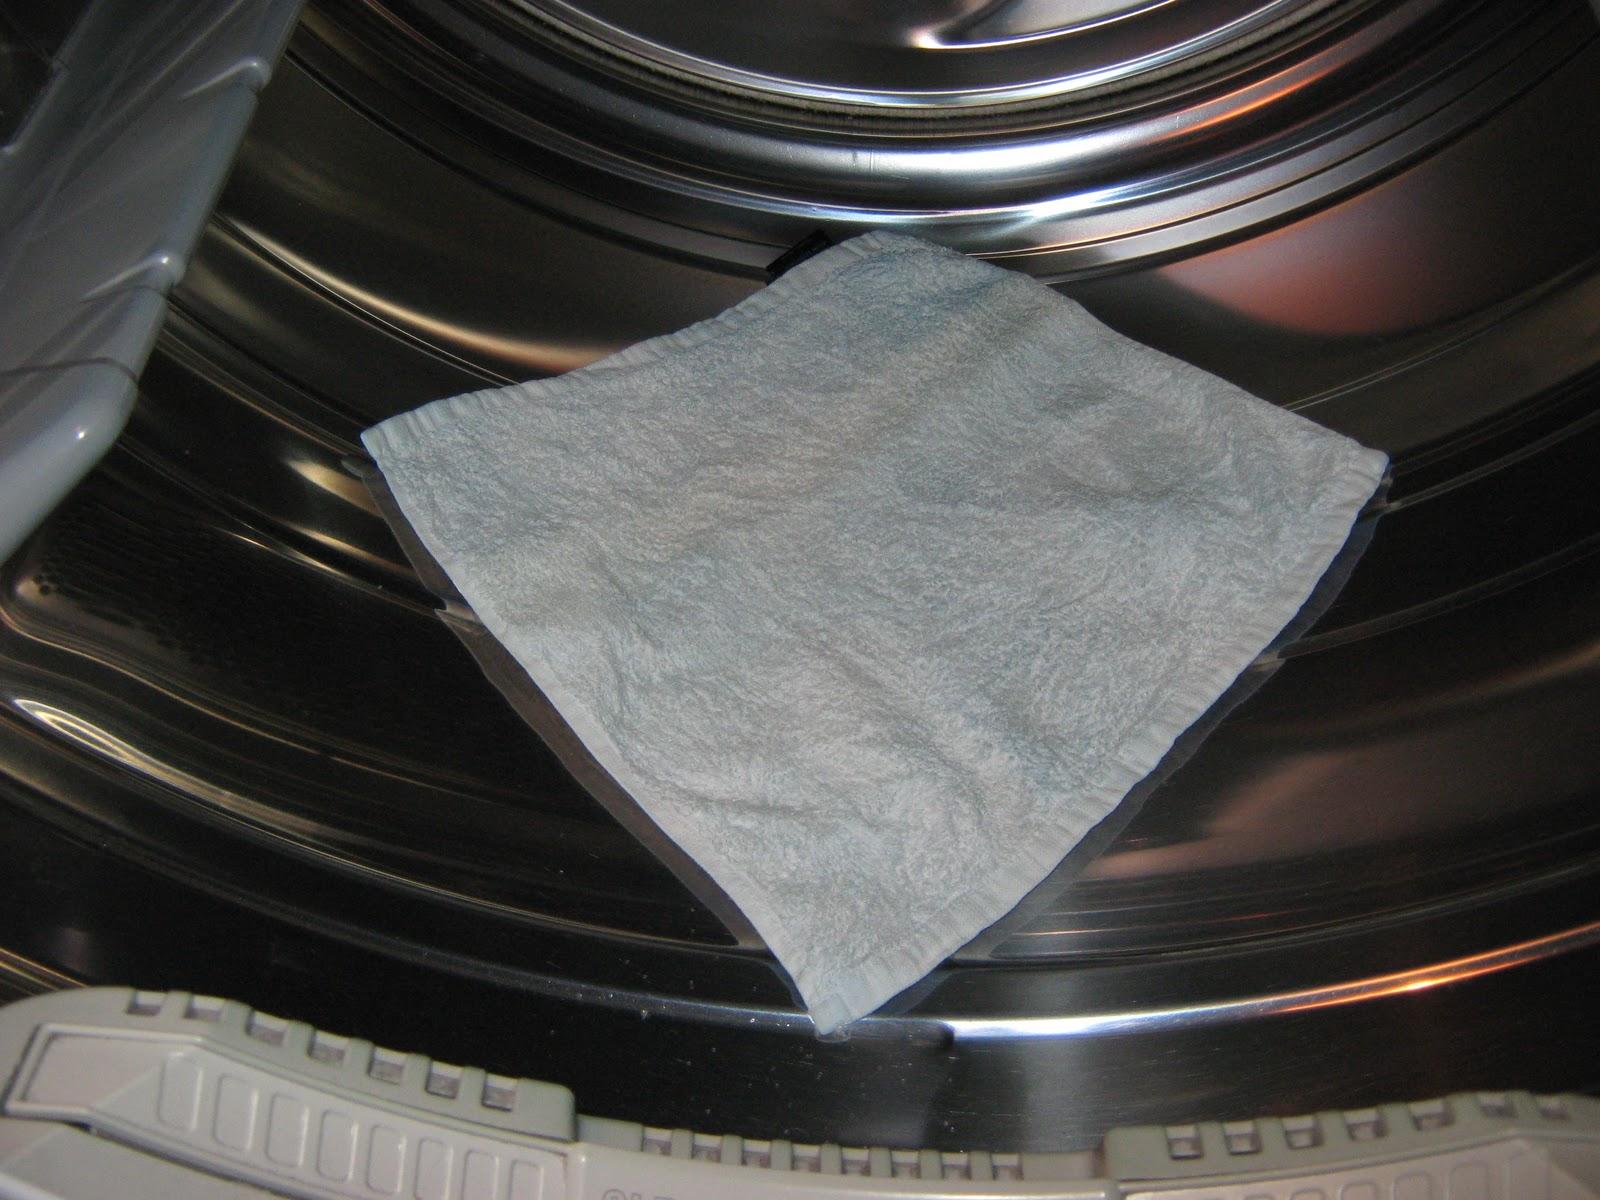 fake it frugal dozen loads dryer sheet. Black Bedroom Furniture Sets. Home Design Ideas